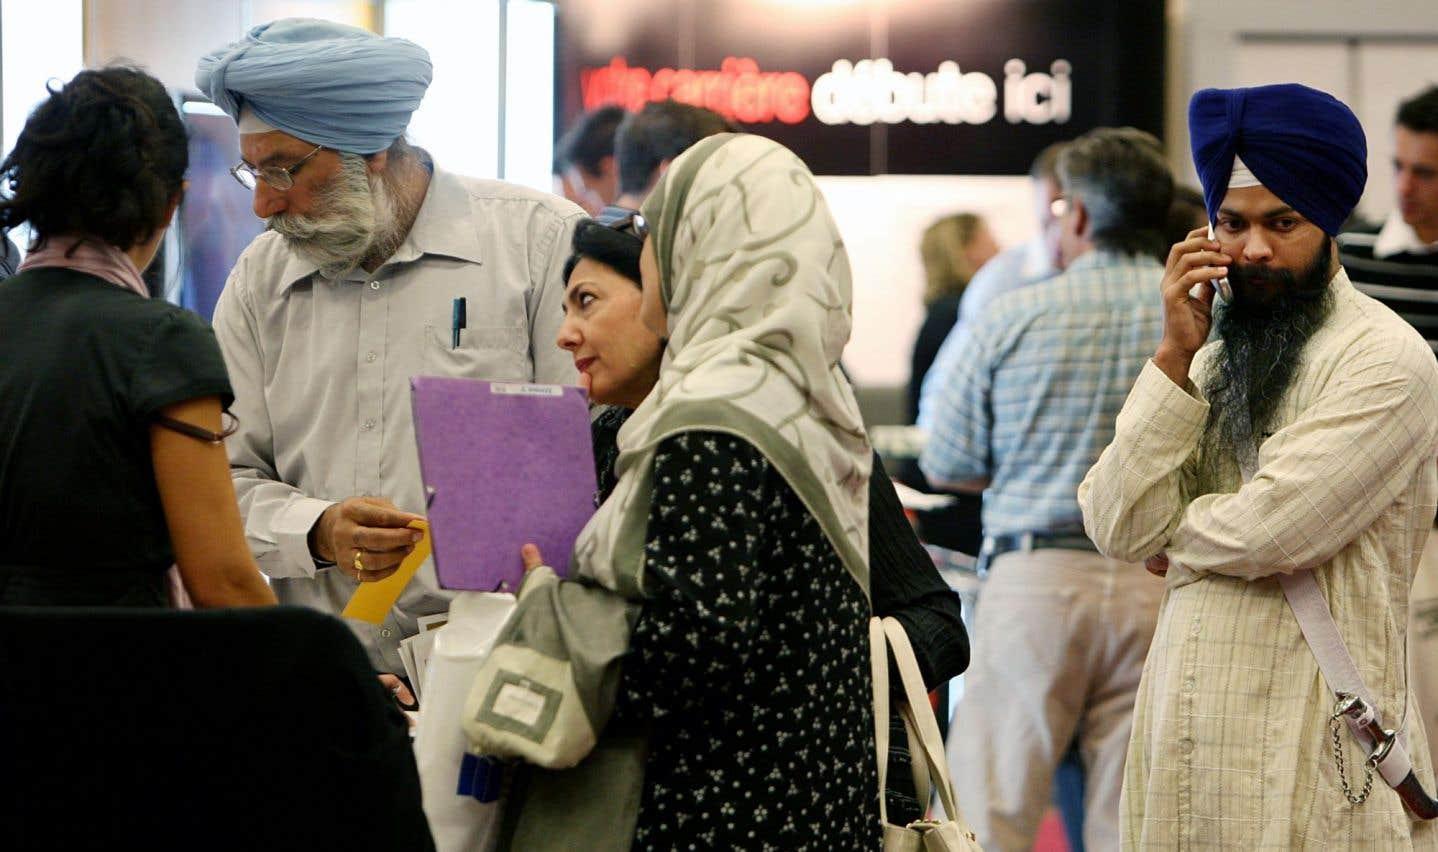 Près de 74% des conjointes d'immigrants économiques avaient un emploi.